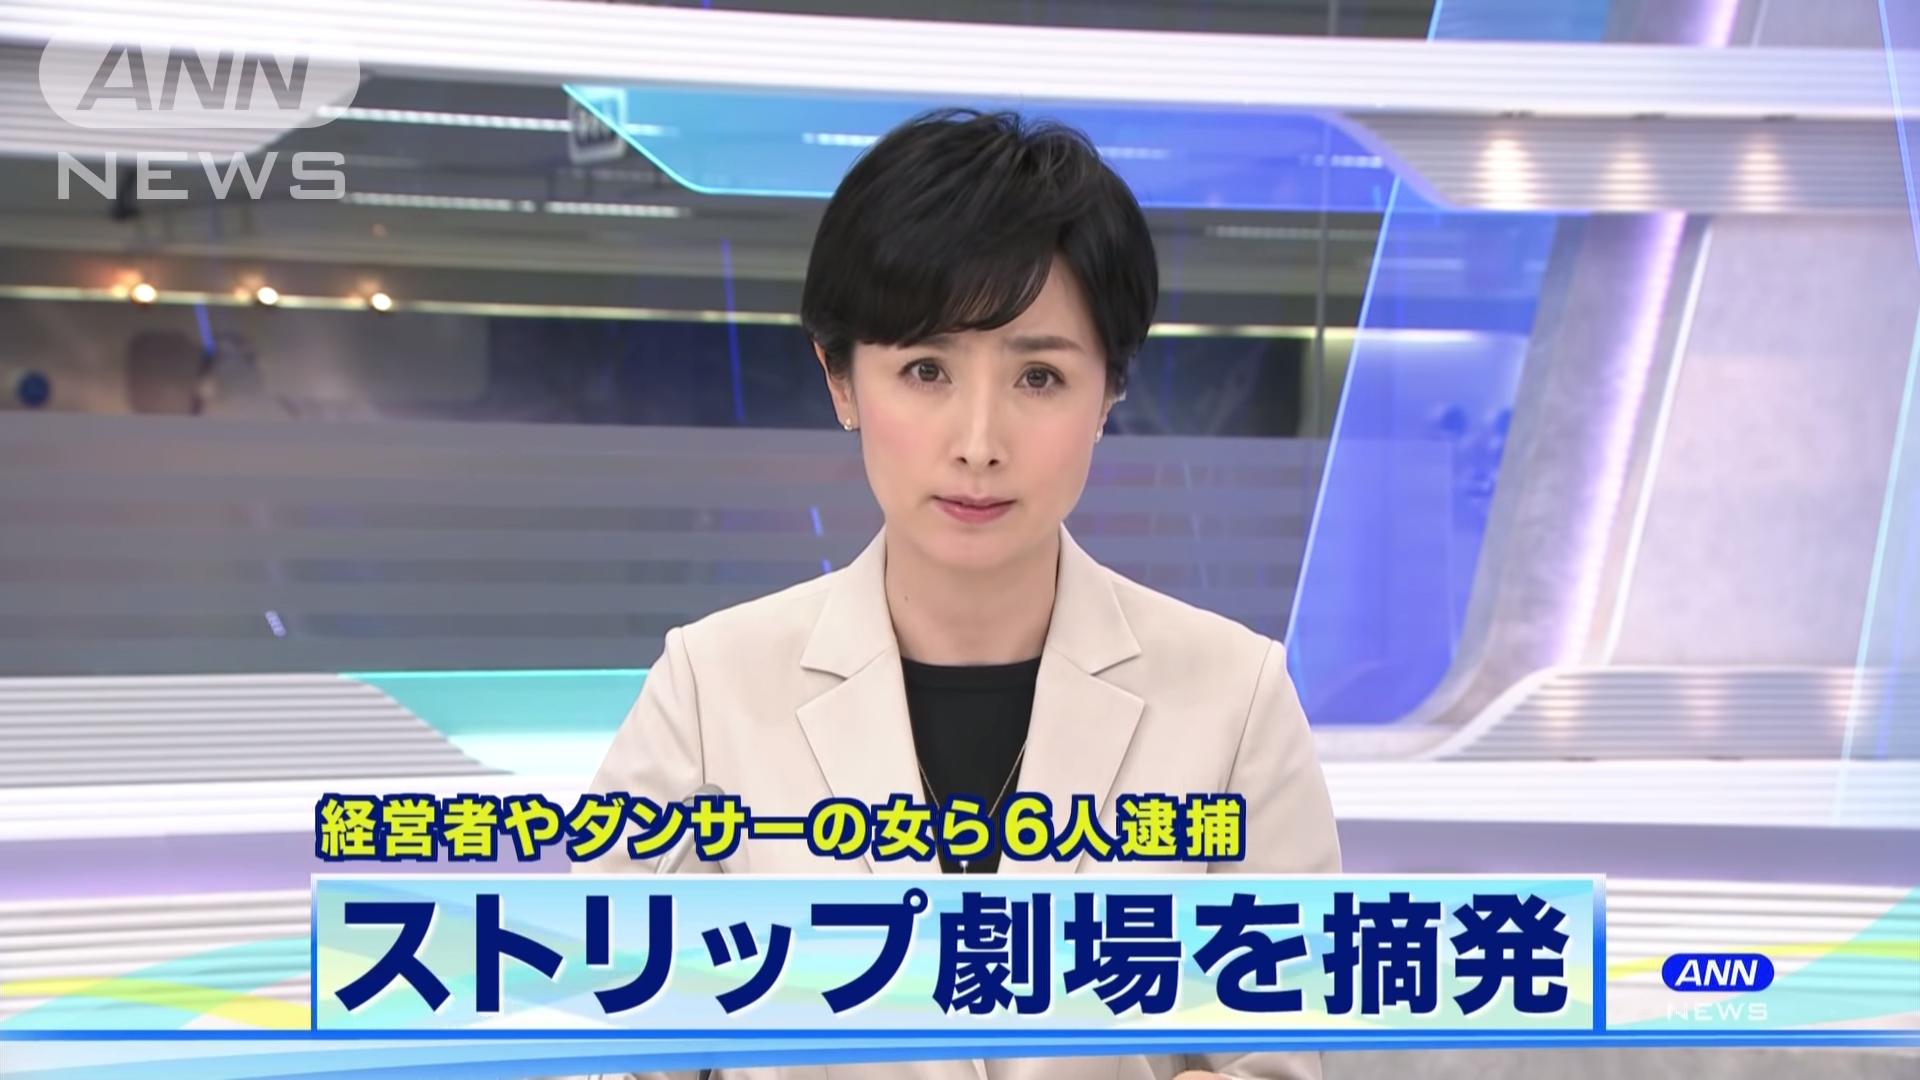 日本警方抓捕脱衣舞娘引网友困惑:为何不管风俗店